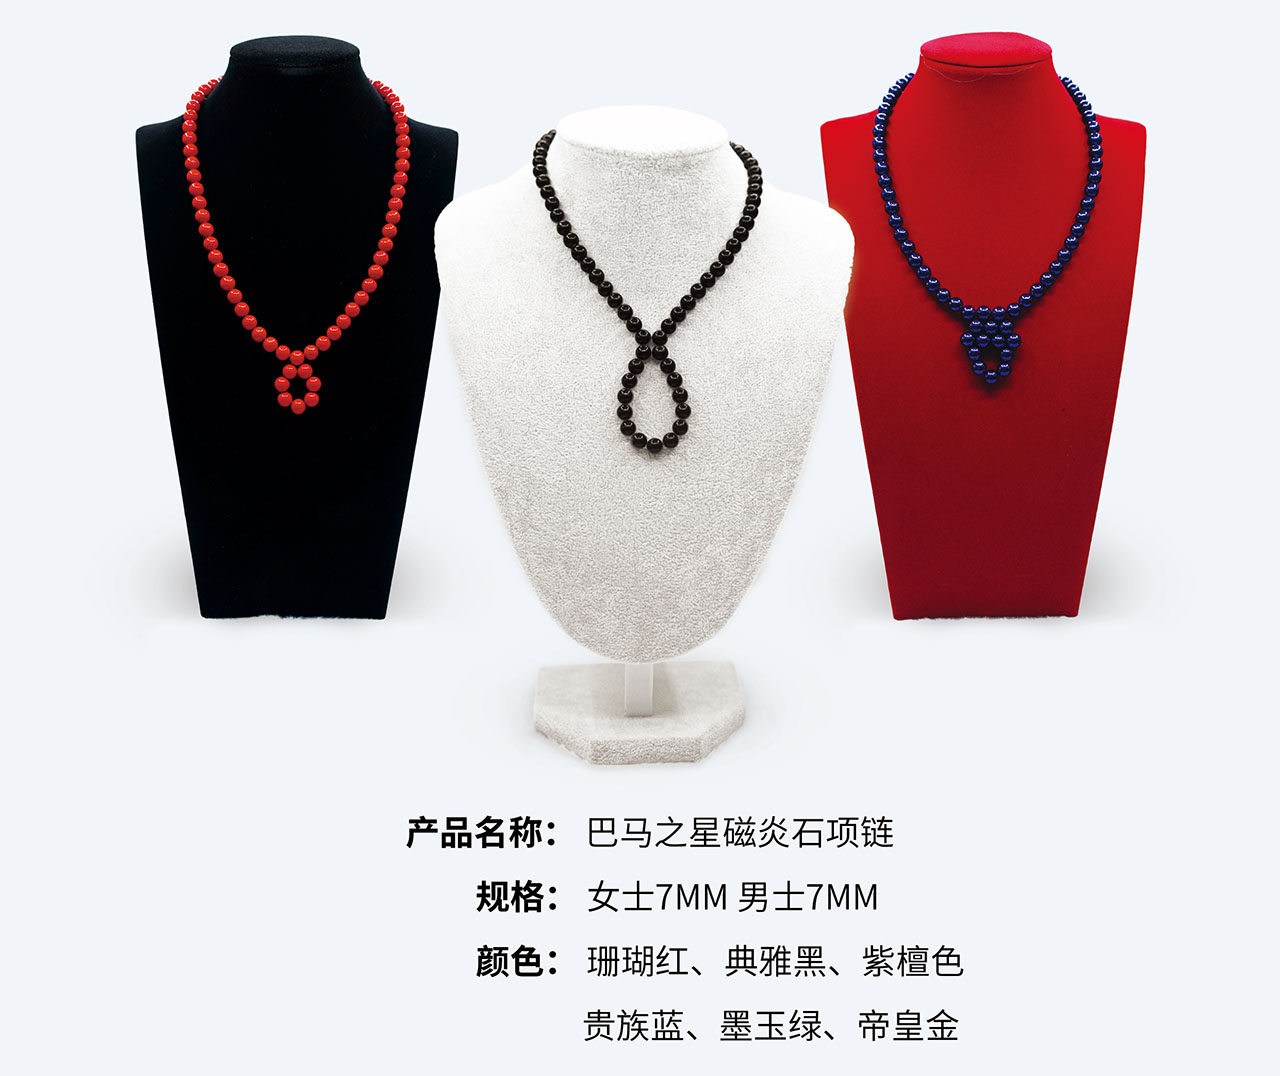 巴馬之星提供養生珠寶購買批發價格